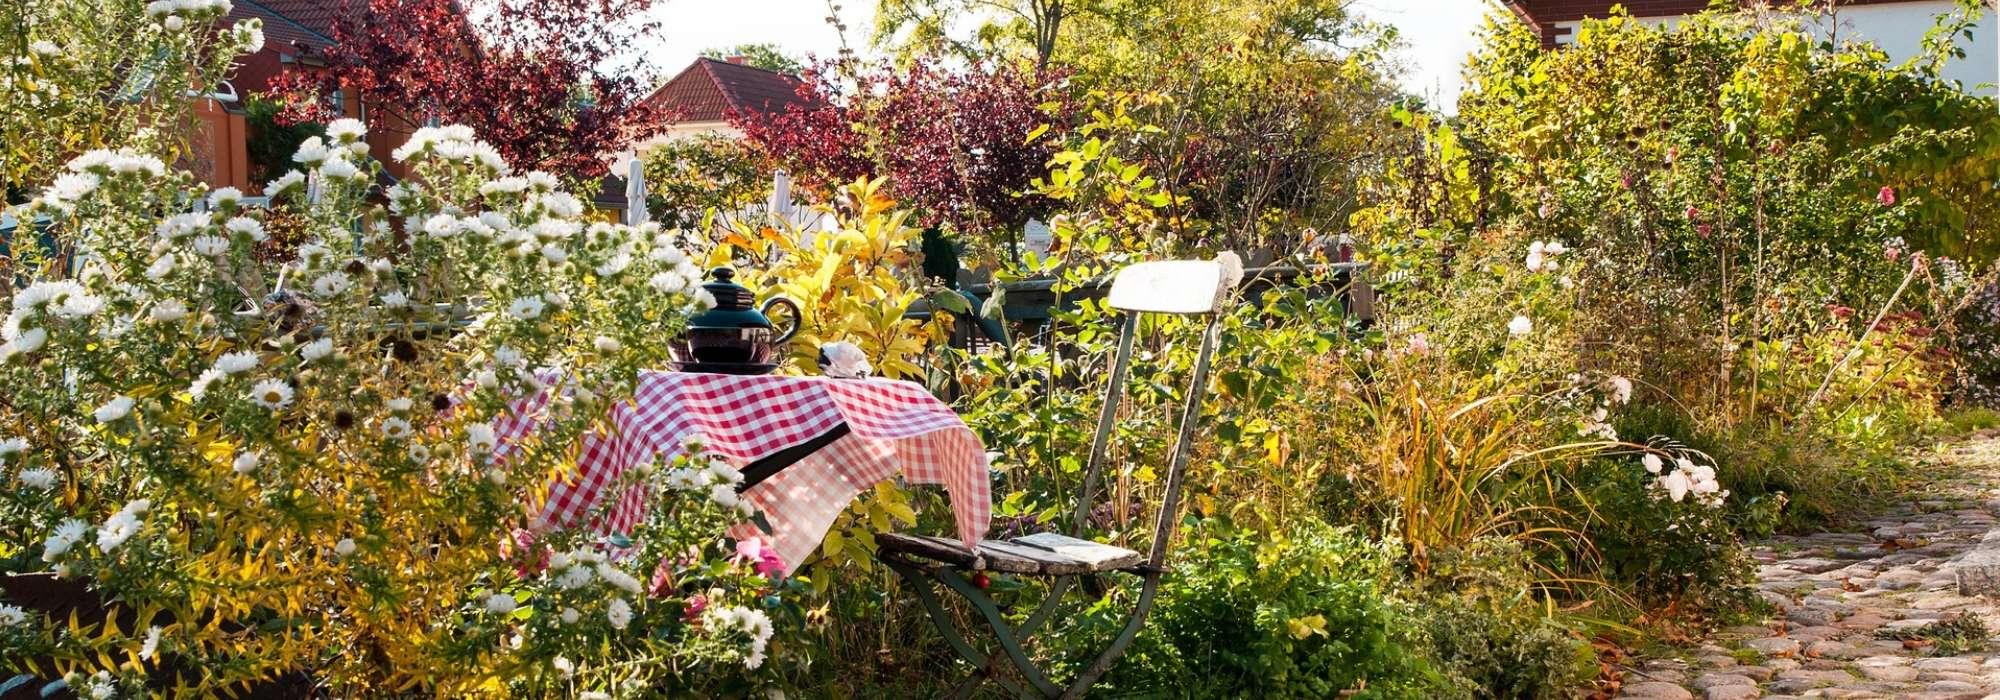 Aménager Un Petit Jardin De 20M2 l'aménagement d'un petit jardin - idées, solutions et conseils